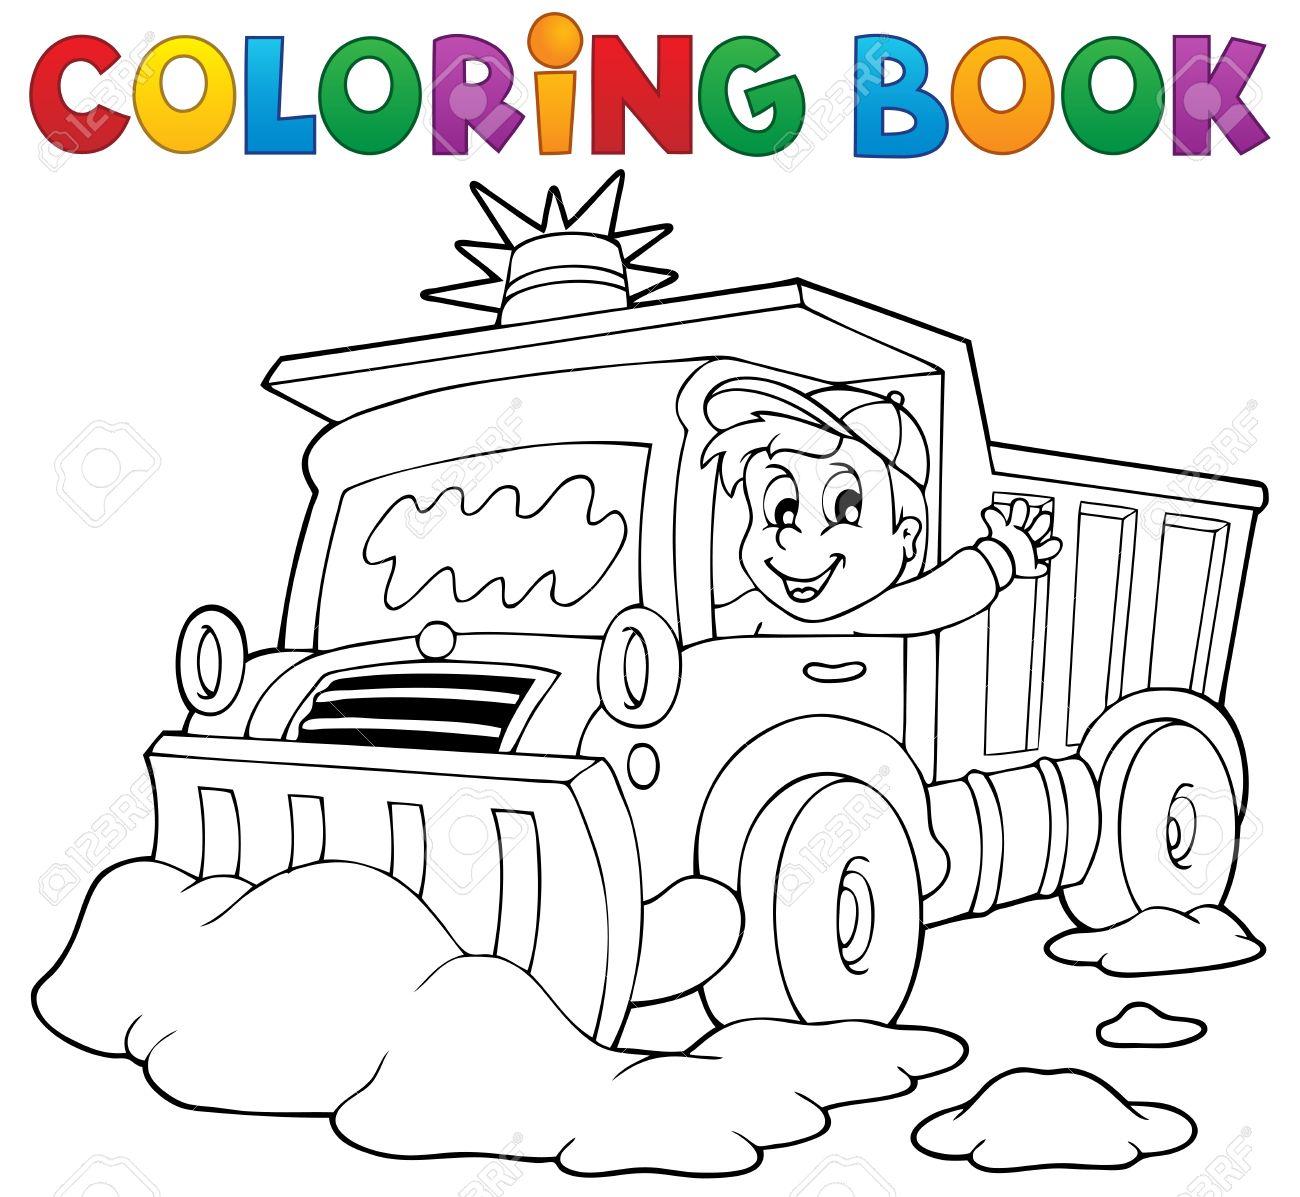 Coloring book snow plough Stock Vector - 23394072